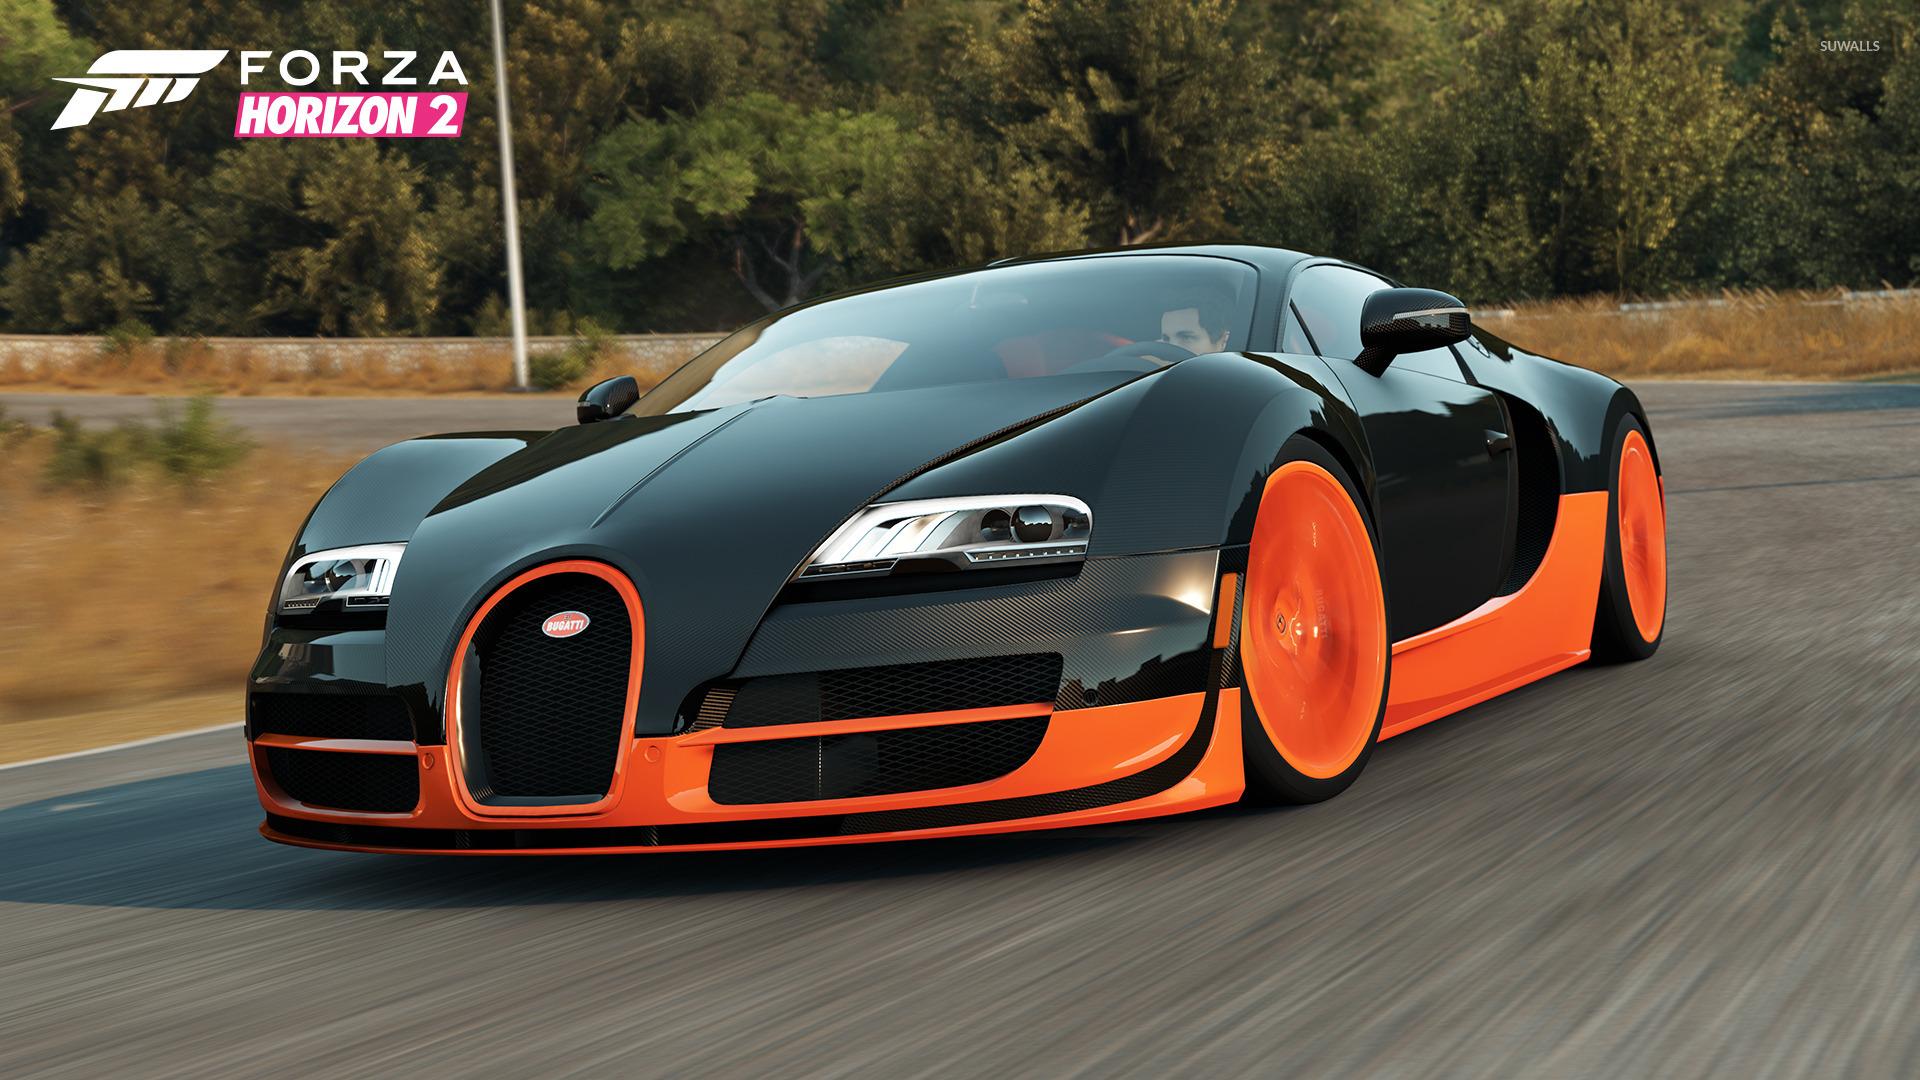 Bugatti Veyron Super Sport   Forza Horizon 2 Wallpaper